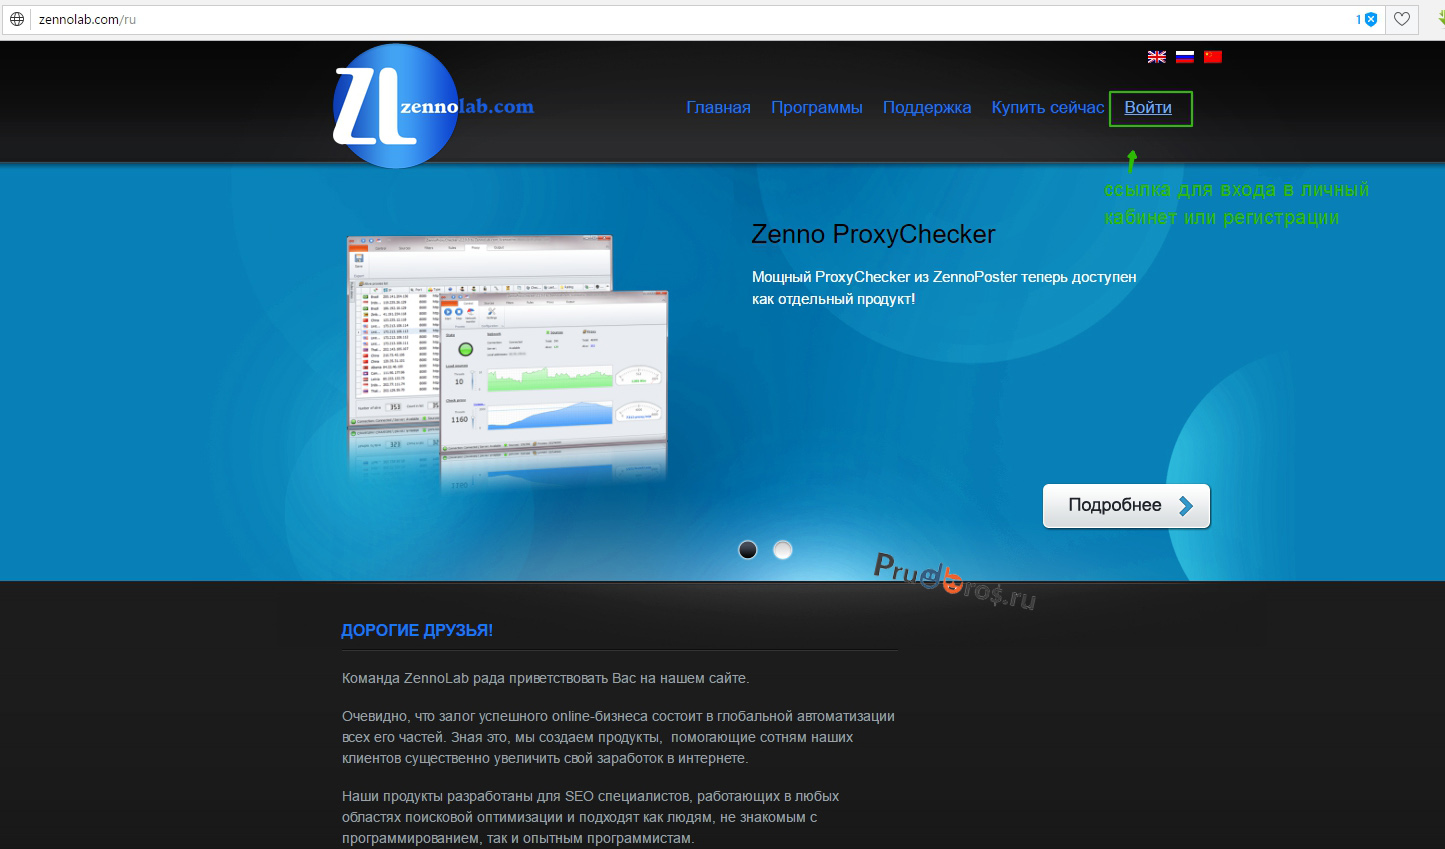 Открылся в проджекте у клиента закрытый шаблон  ZennoLab